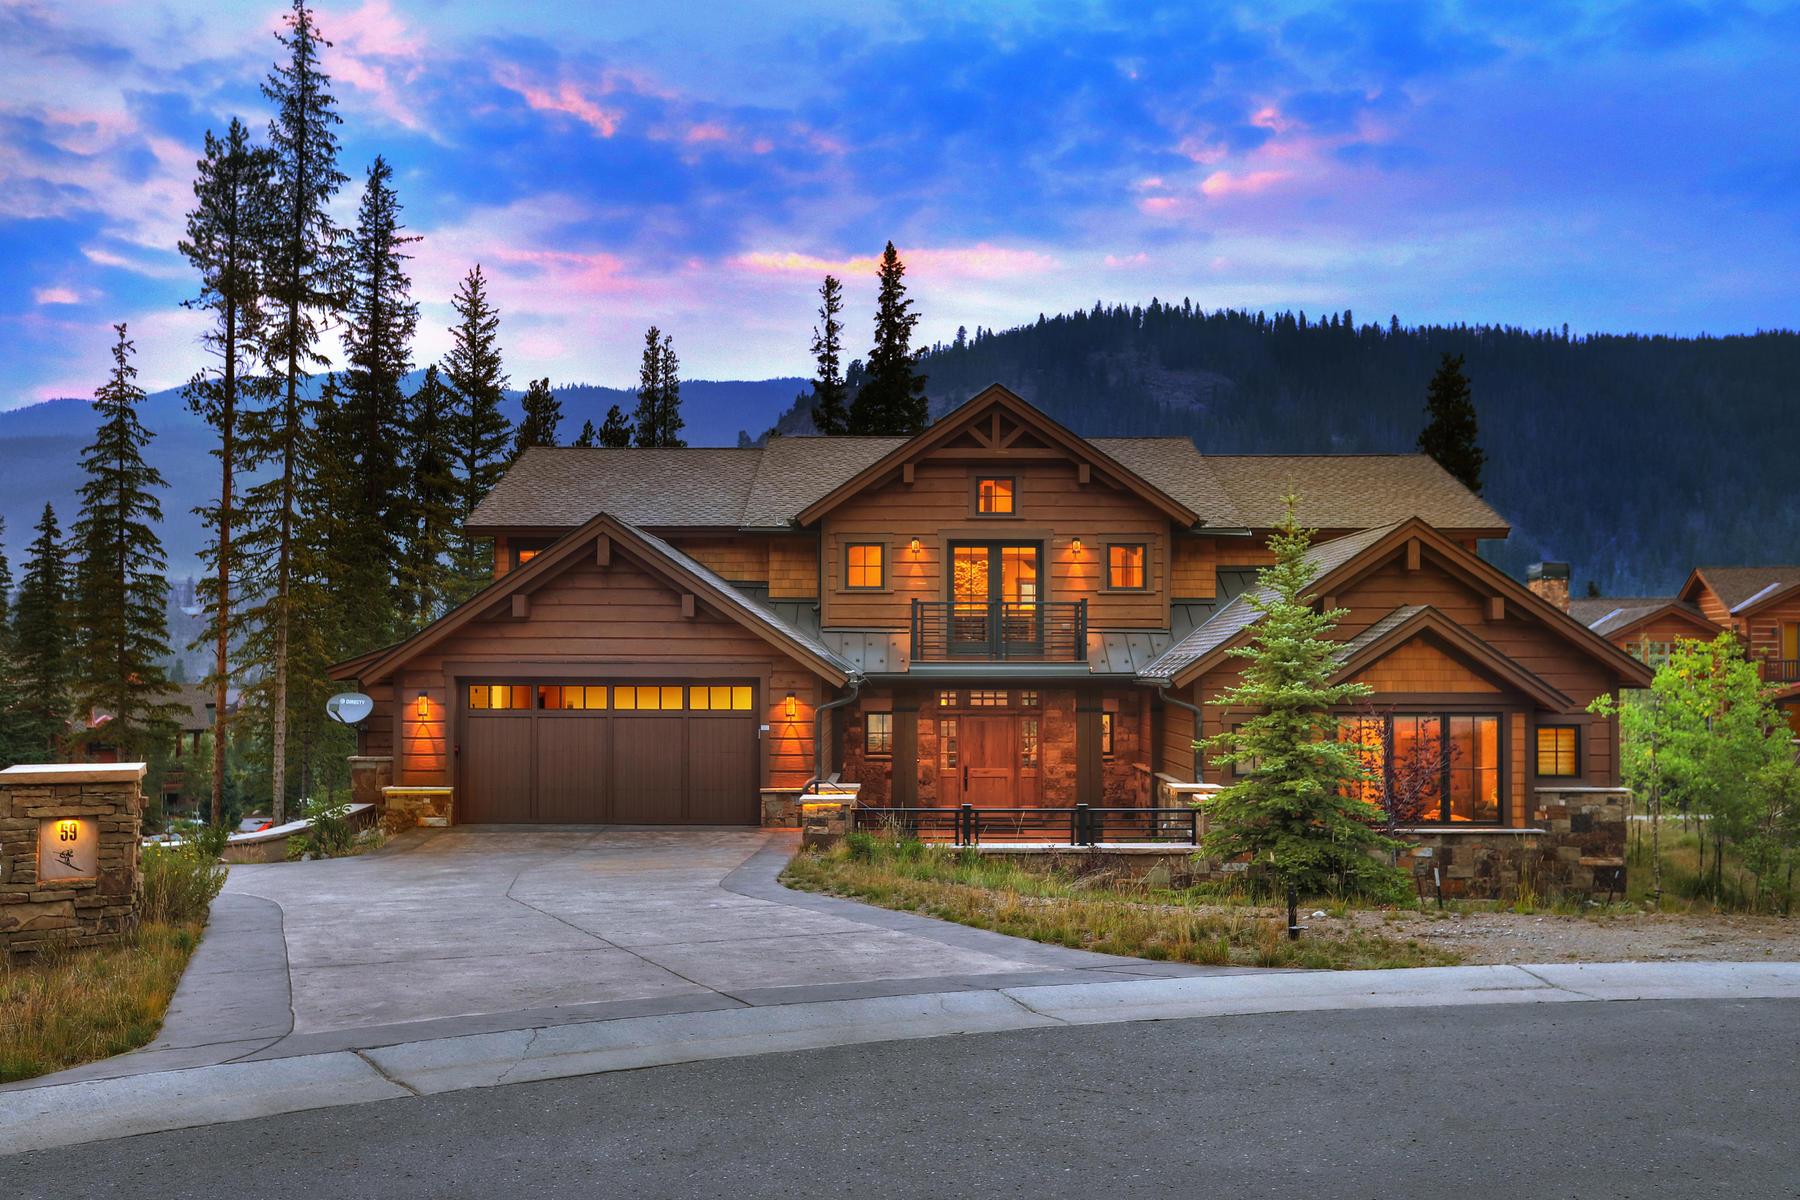 Casa Unifamiliar por un Venta en 59 E Trade Court 59 E Trade Court Keystone, Colorado 80435 Estados Unidos